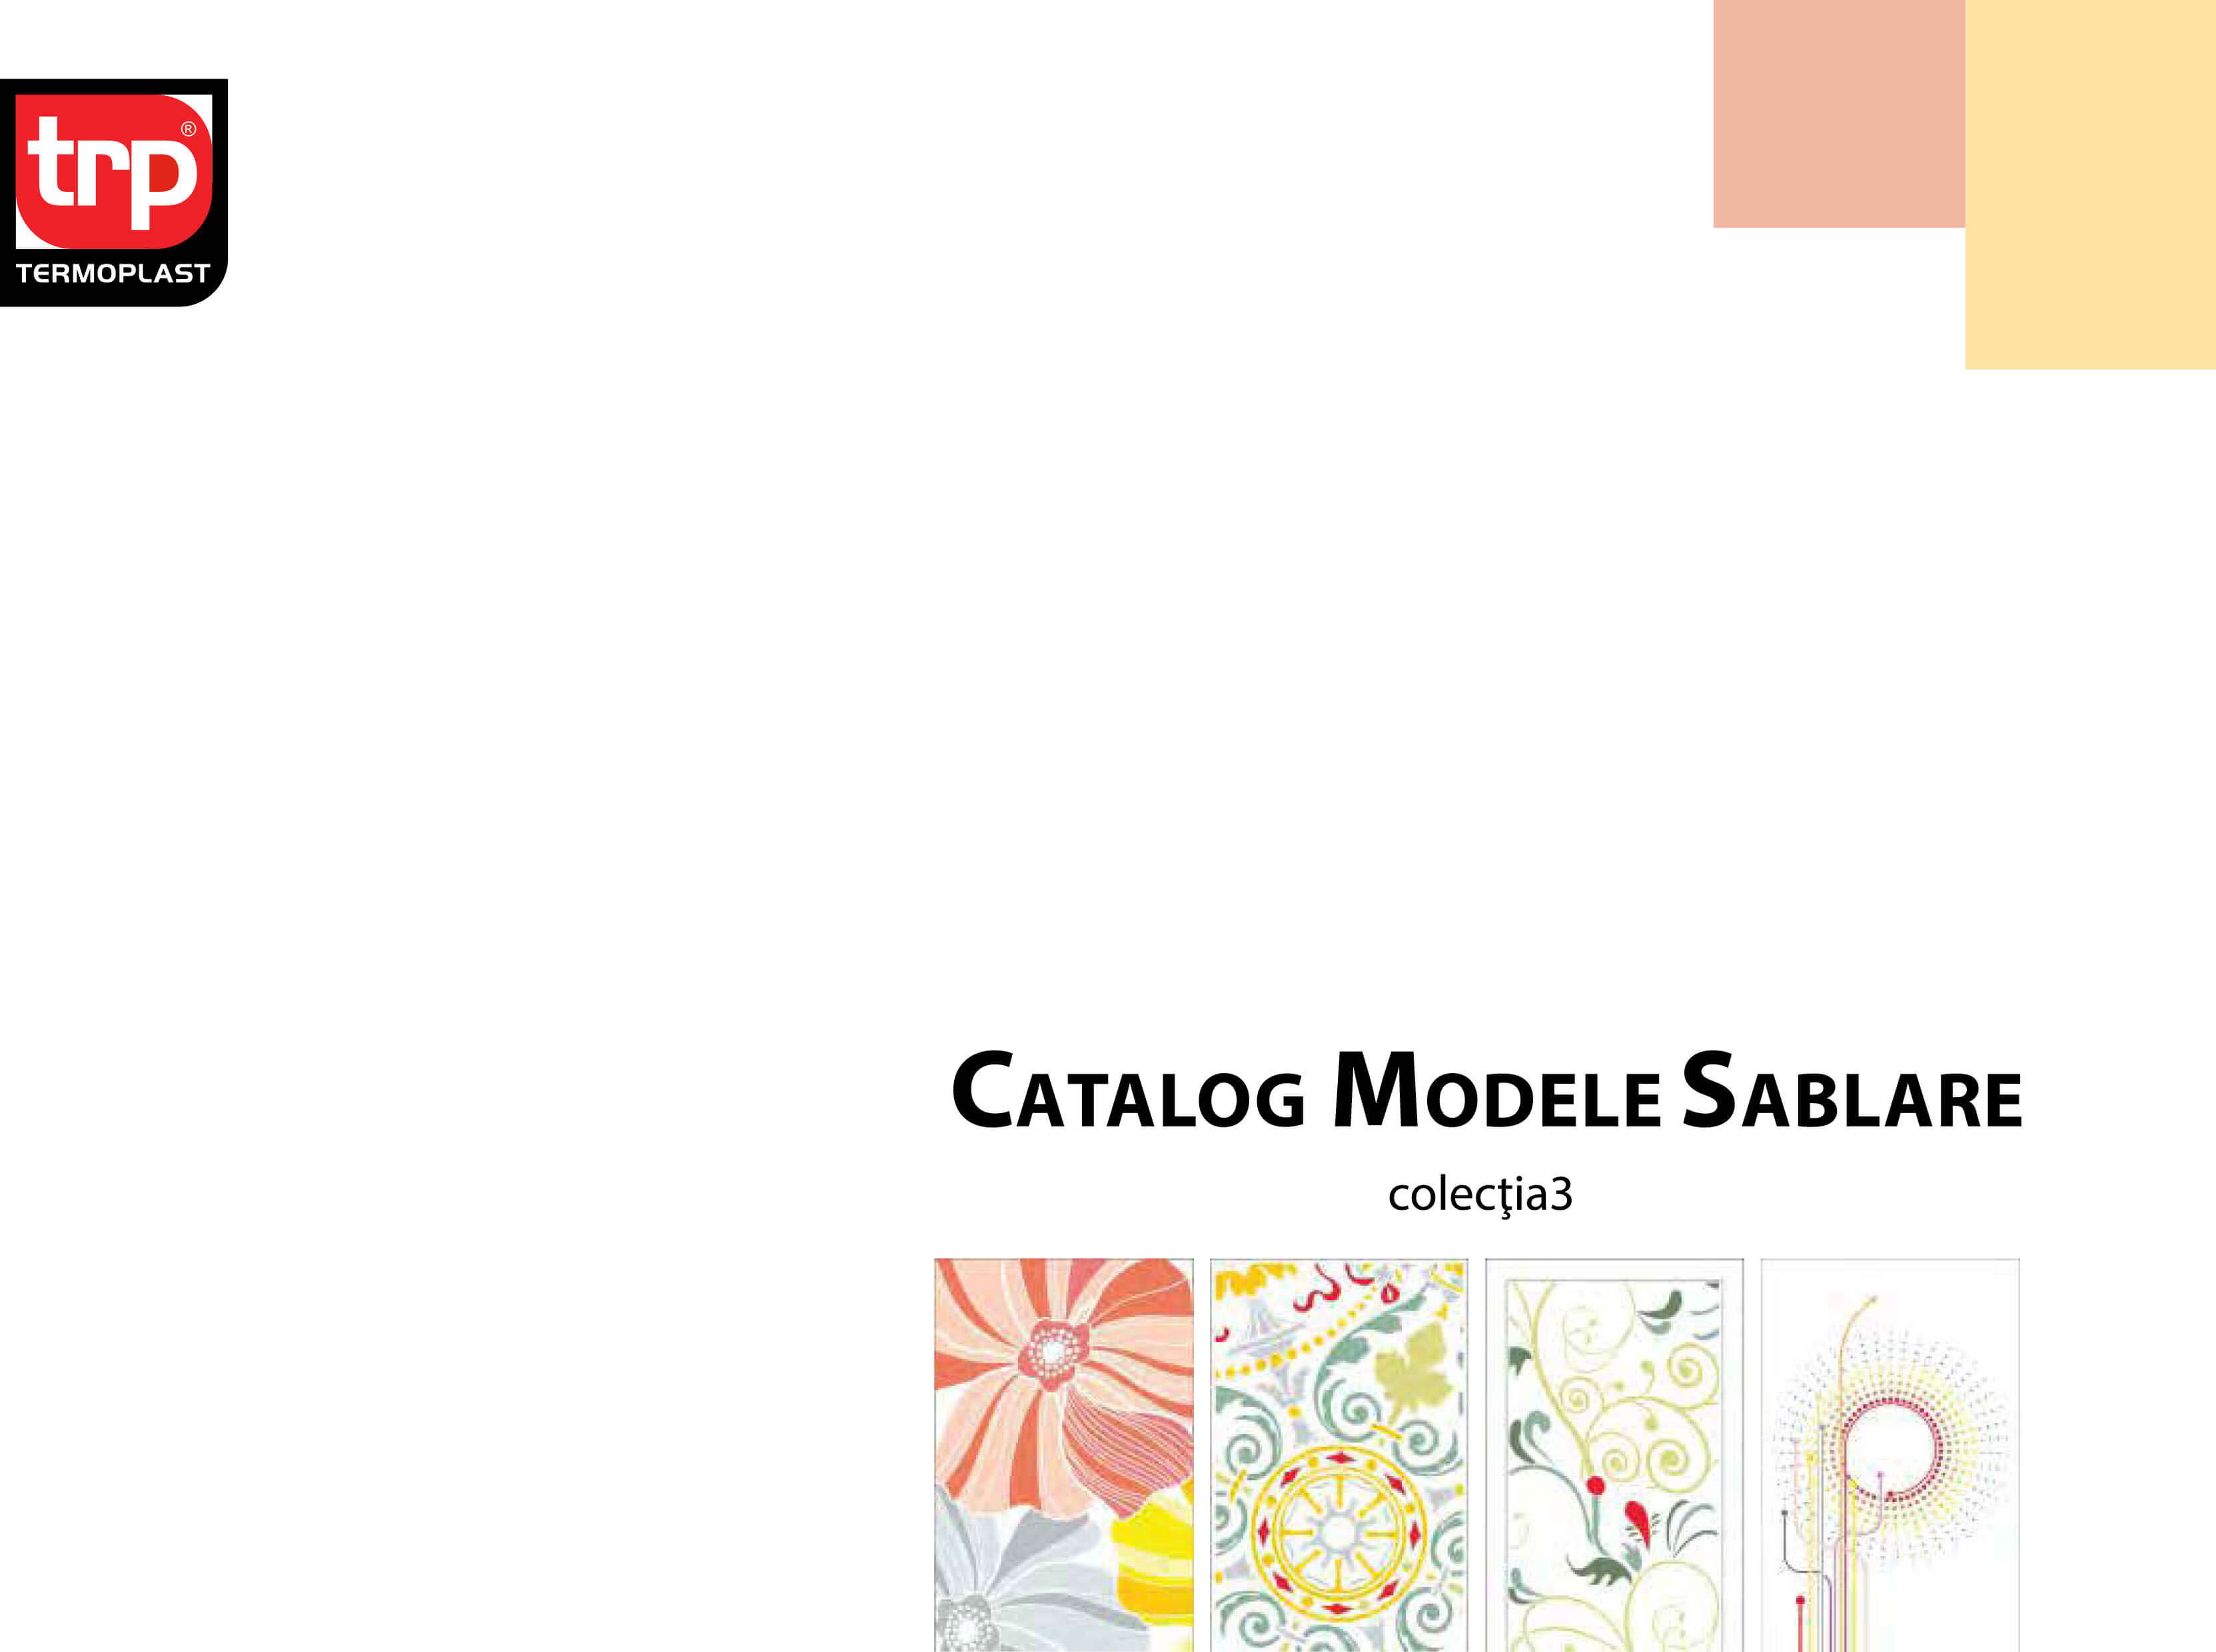 Catalog sablare colectia 3